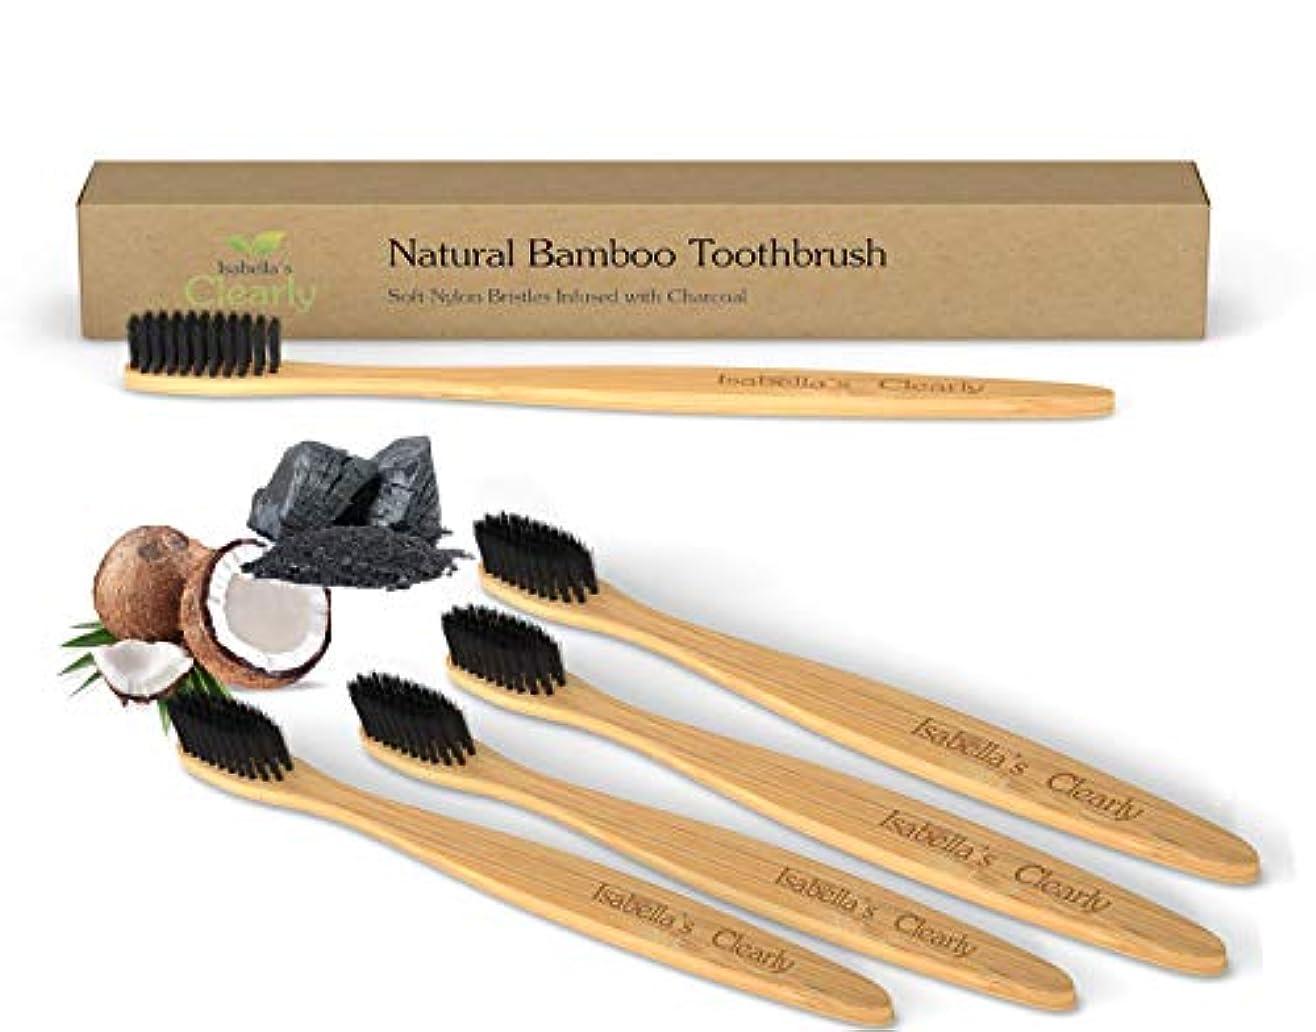 コショウウールアウターIsabella's Clearly 竹の歯ブラシ、優しく柔らかな木炭注入されたナイロン製のBPAフリーの毛、天然有機材料 4